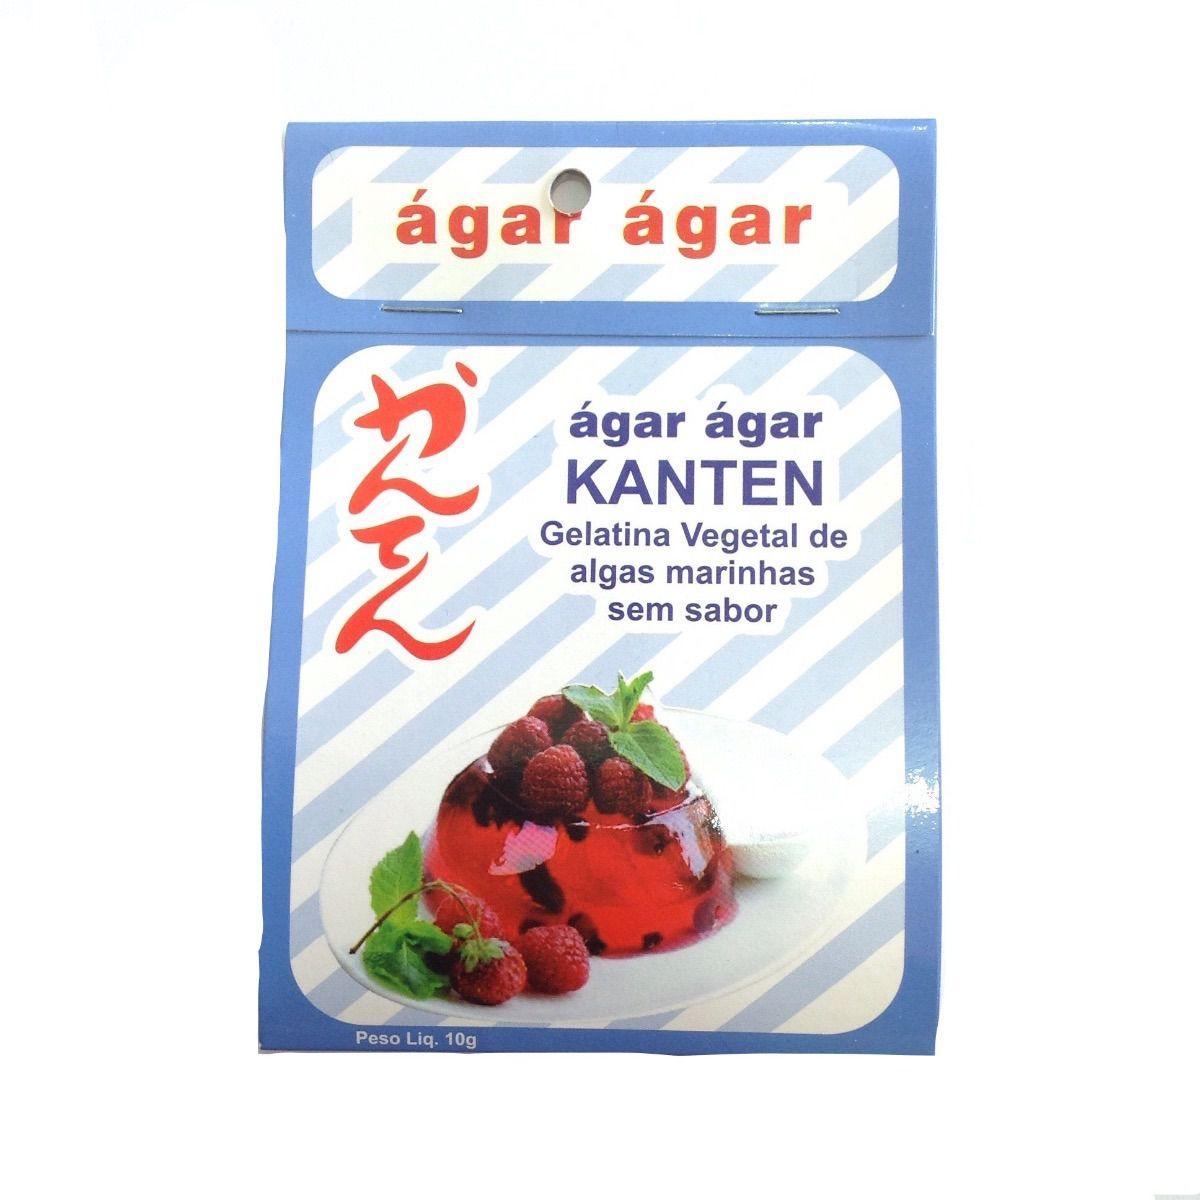 Gelatina Vegetal de Algas Marinhas Ágar Ágar Kanten 10g